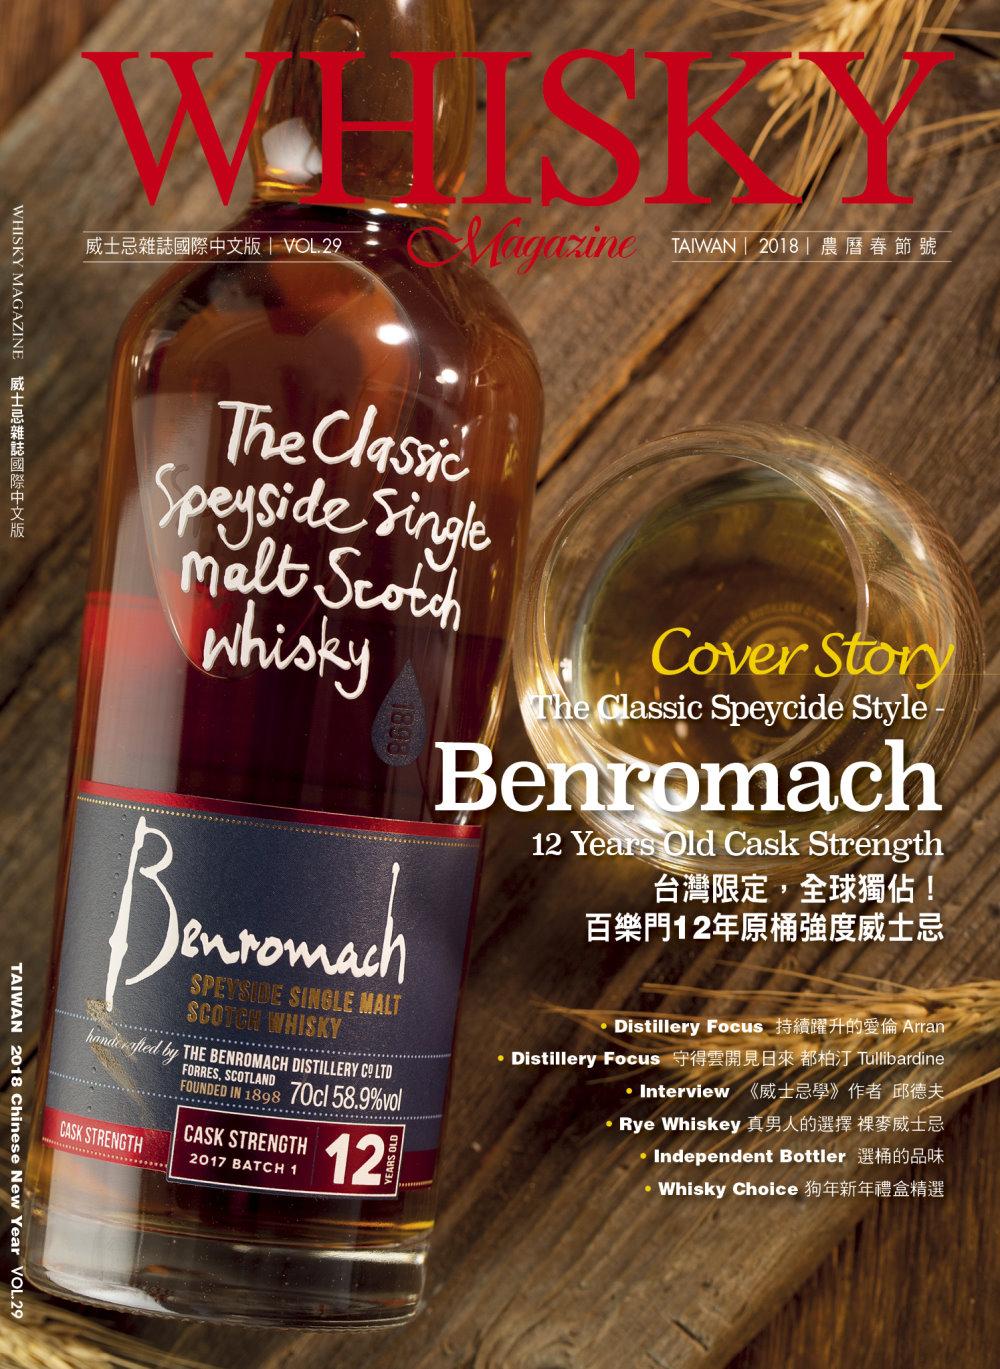 Whisky Magazine威士忌雜誌國際中文版 春節號/2018第29期